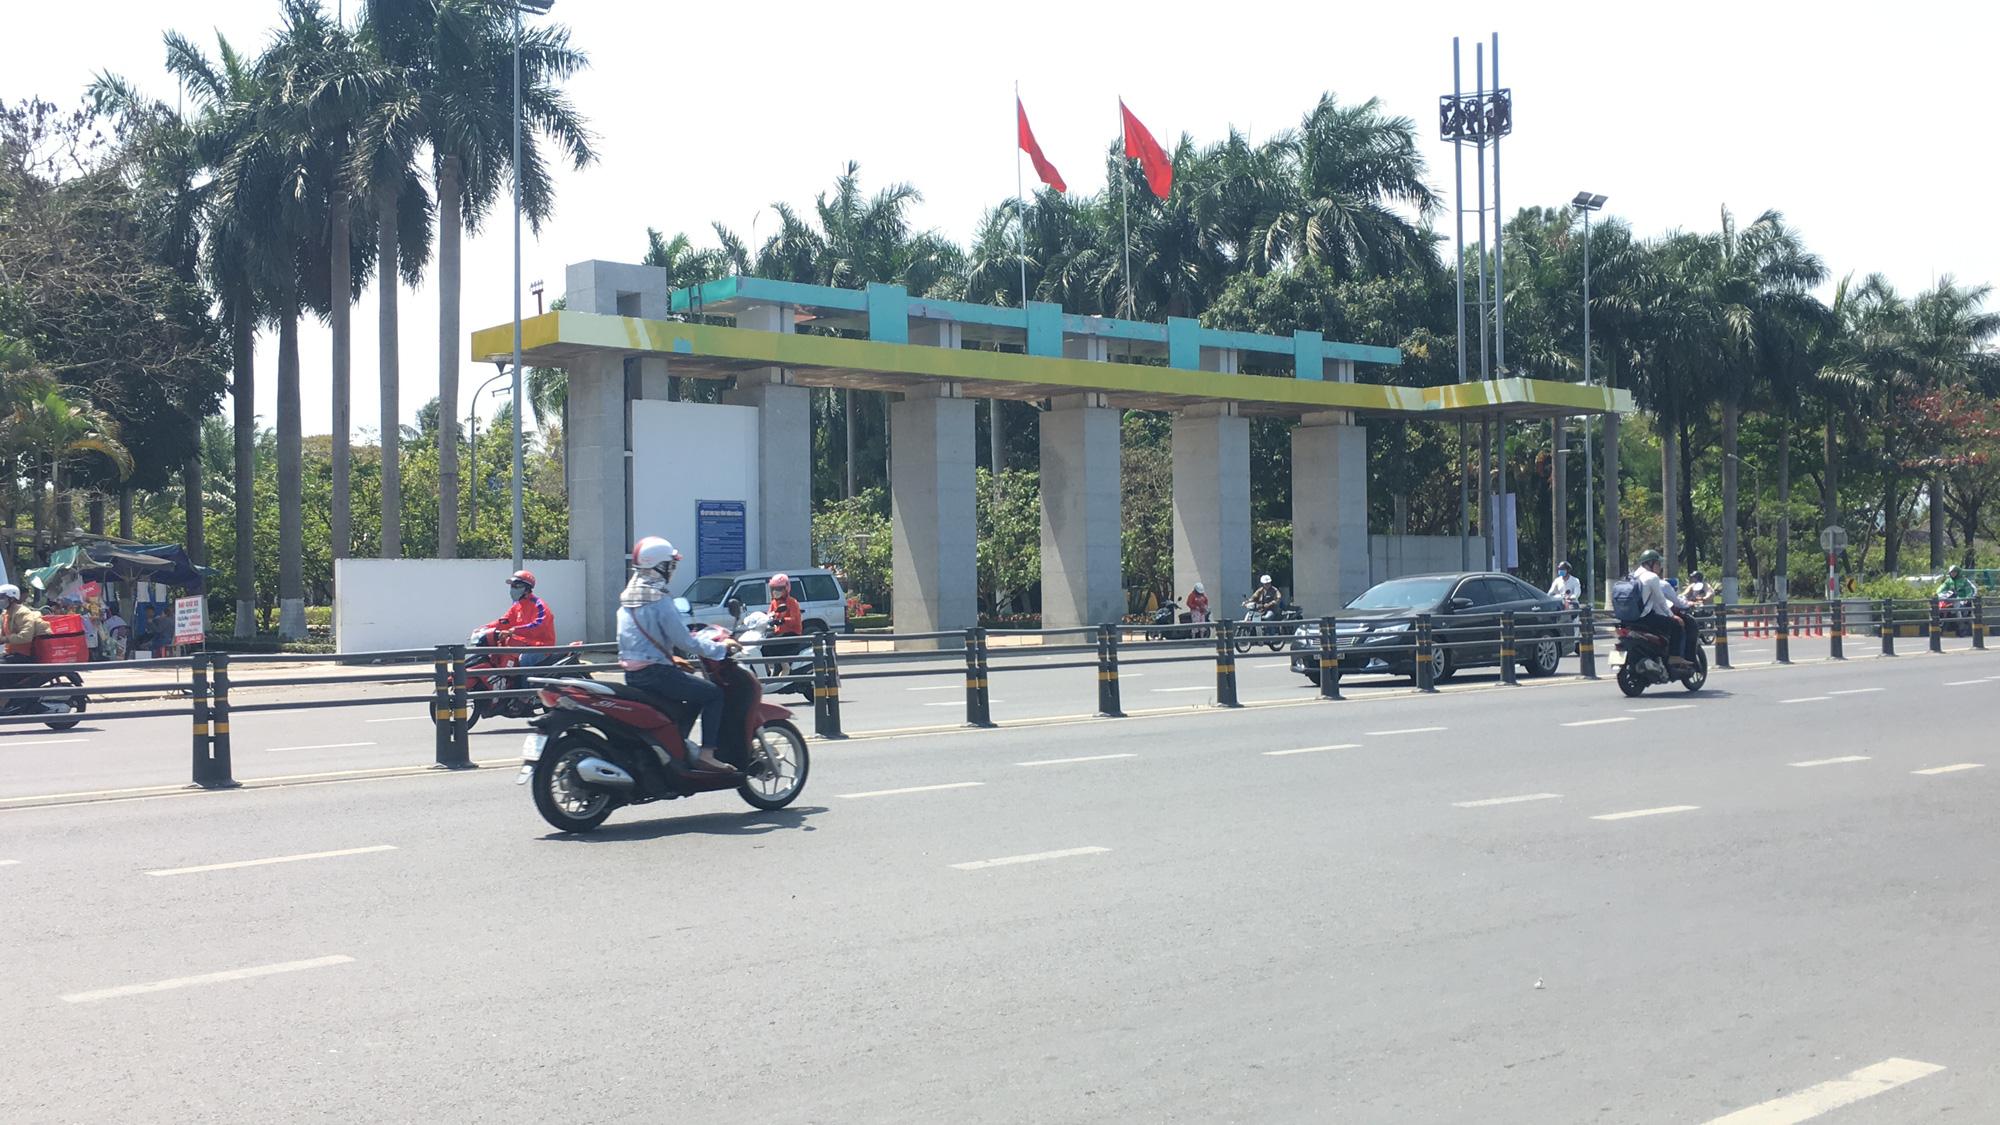 Cận cảnh cầu đi bộ tiền tỉ qua công viên 29/3 Đà Nẵng đầu tư cho người dân thụ hưởng - Ảnh 1.